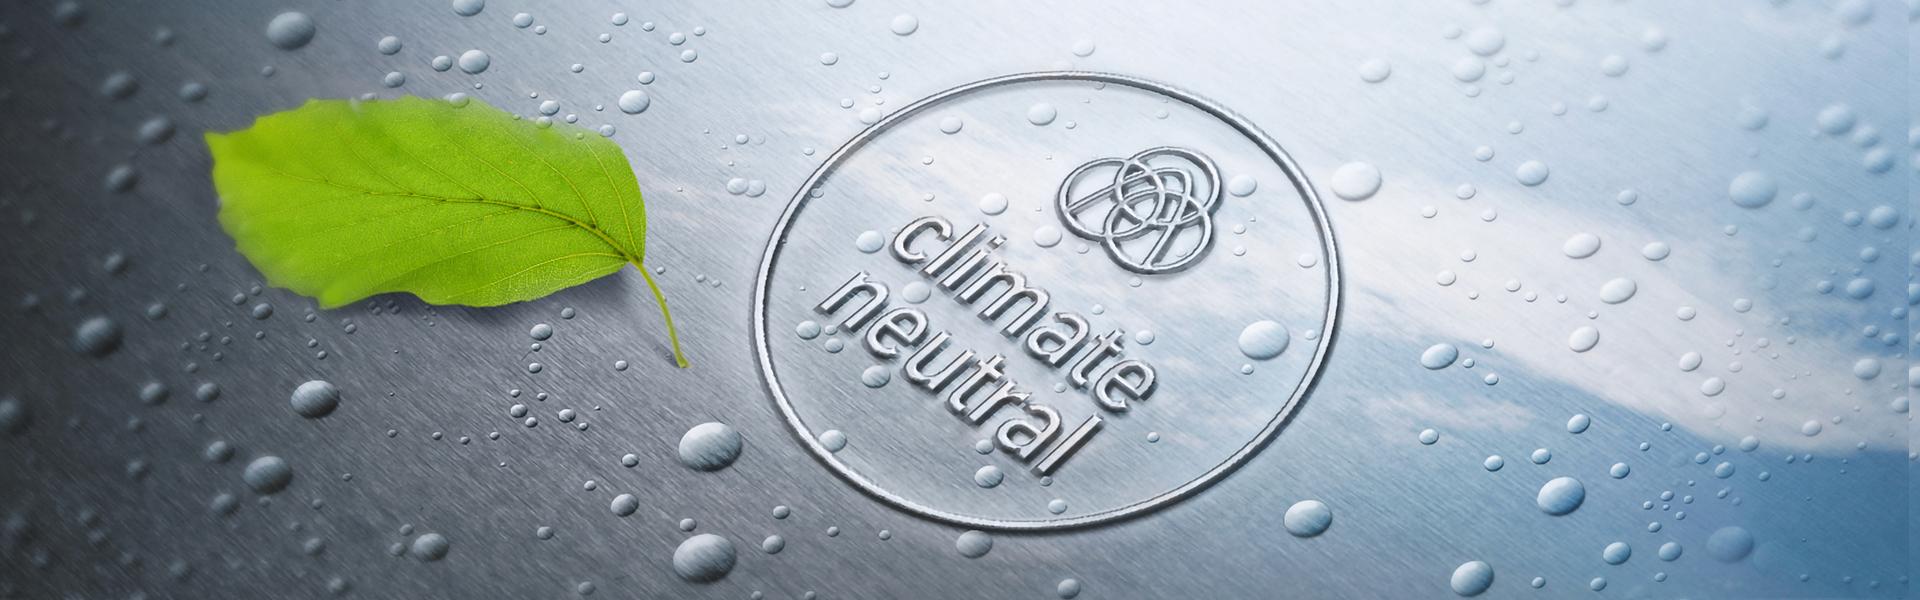 thyssenkrupp, hydrogen, climate neutral, Green Deal, European, Europe,